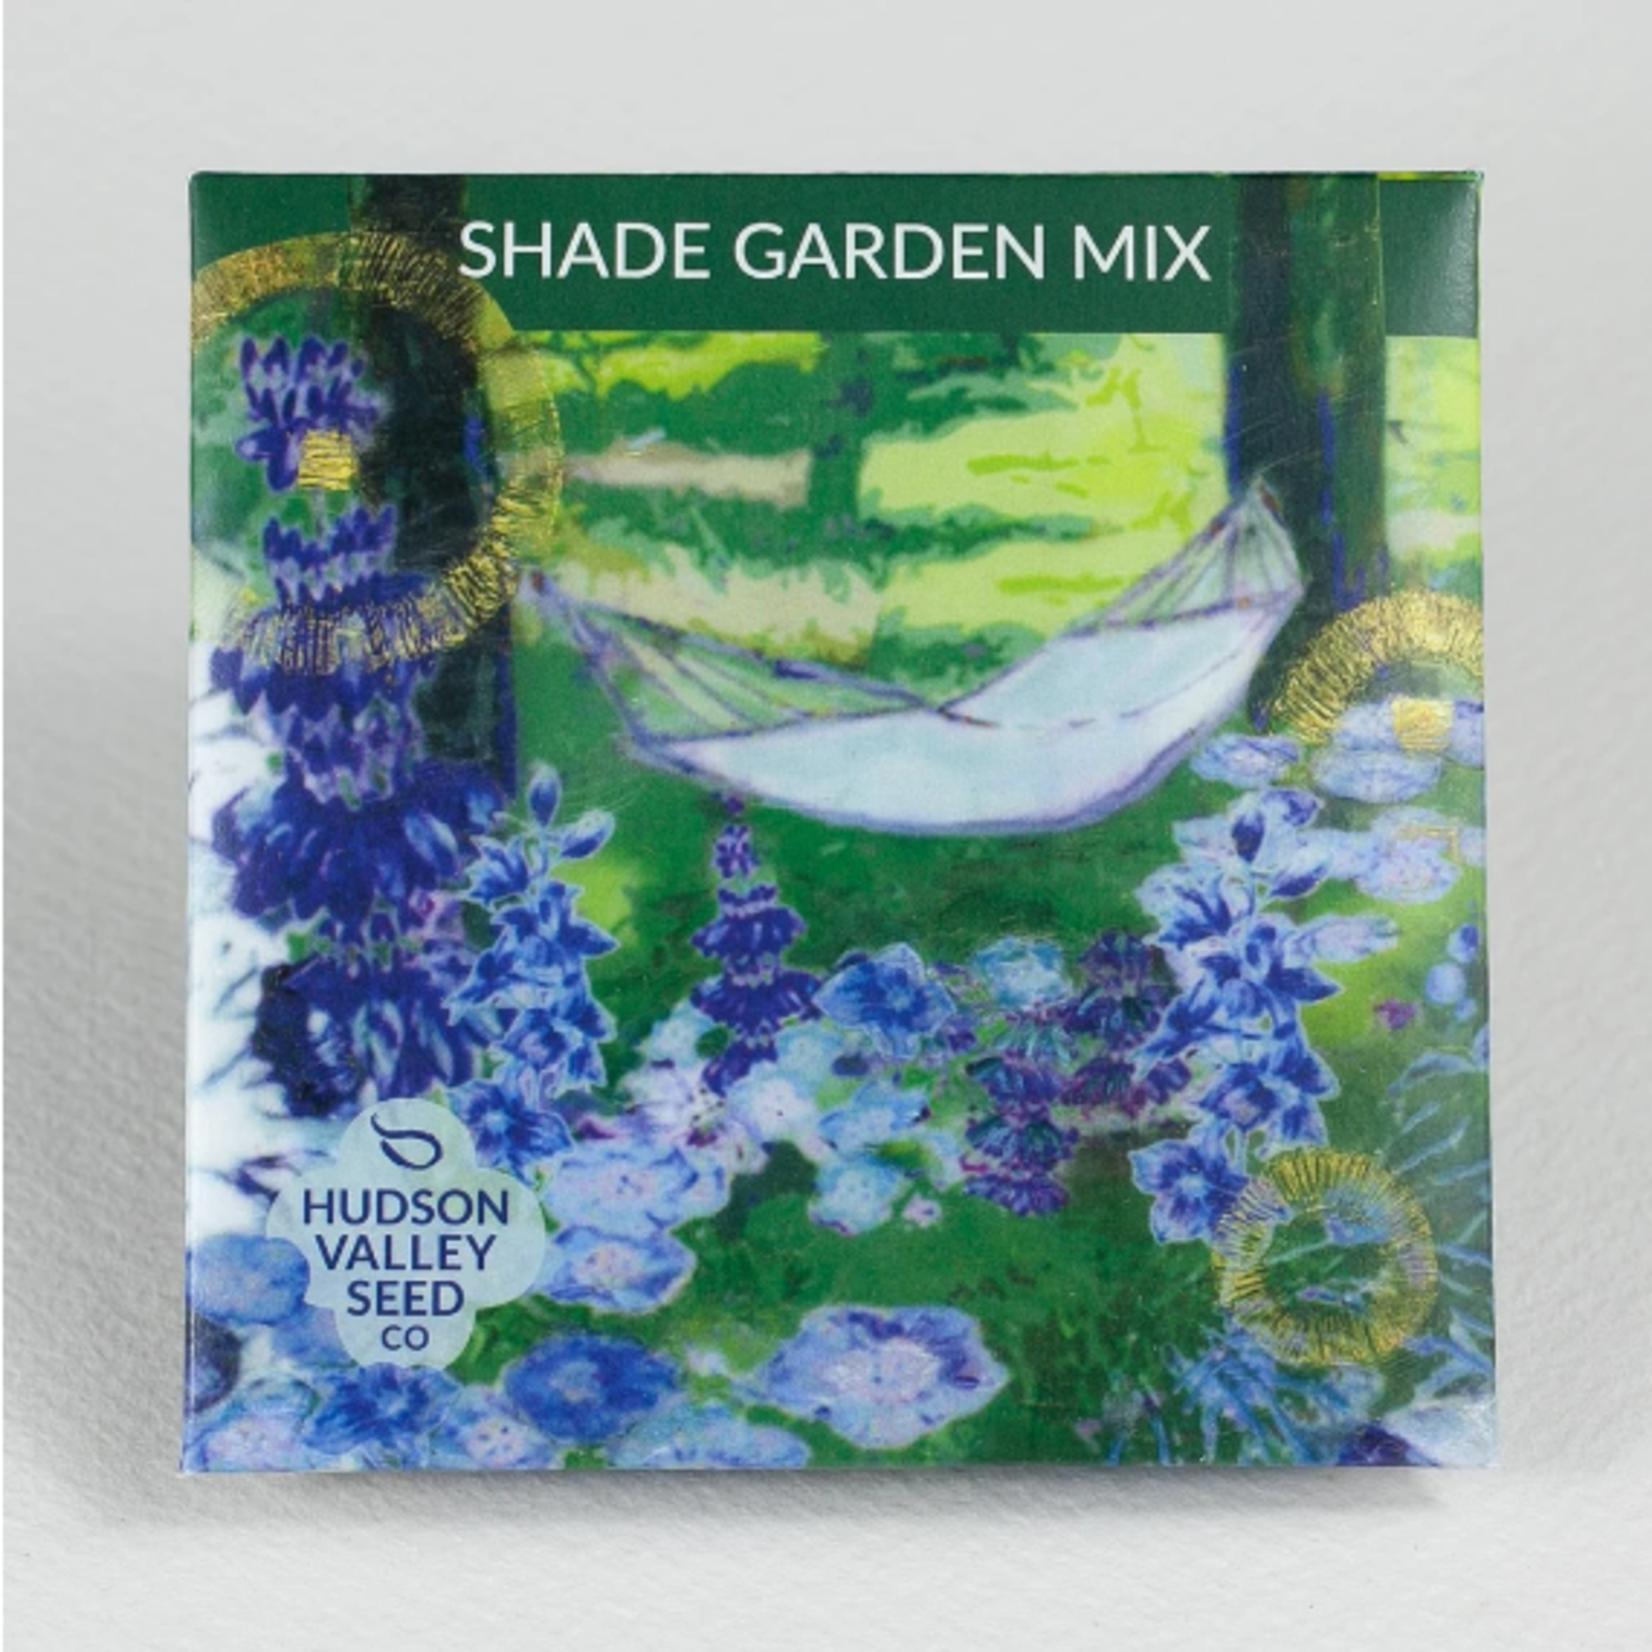 Hudson Valley Seeds Shade Garden Mix Seeds